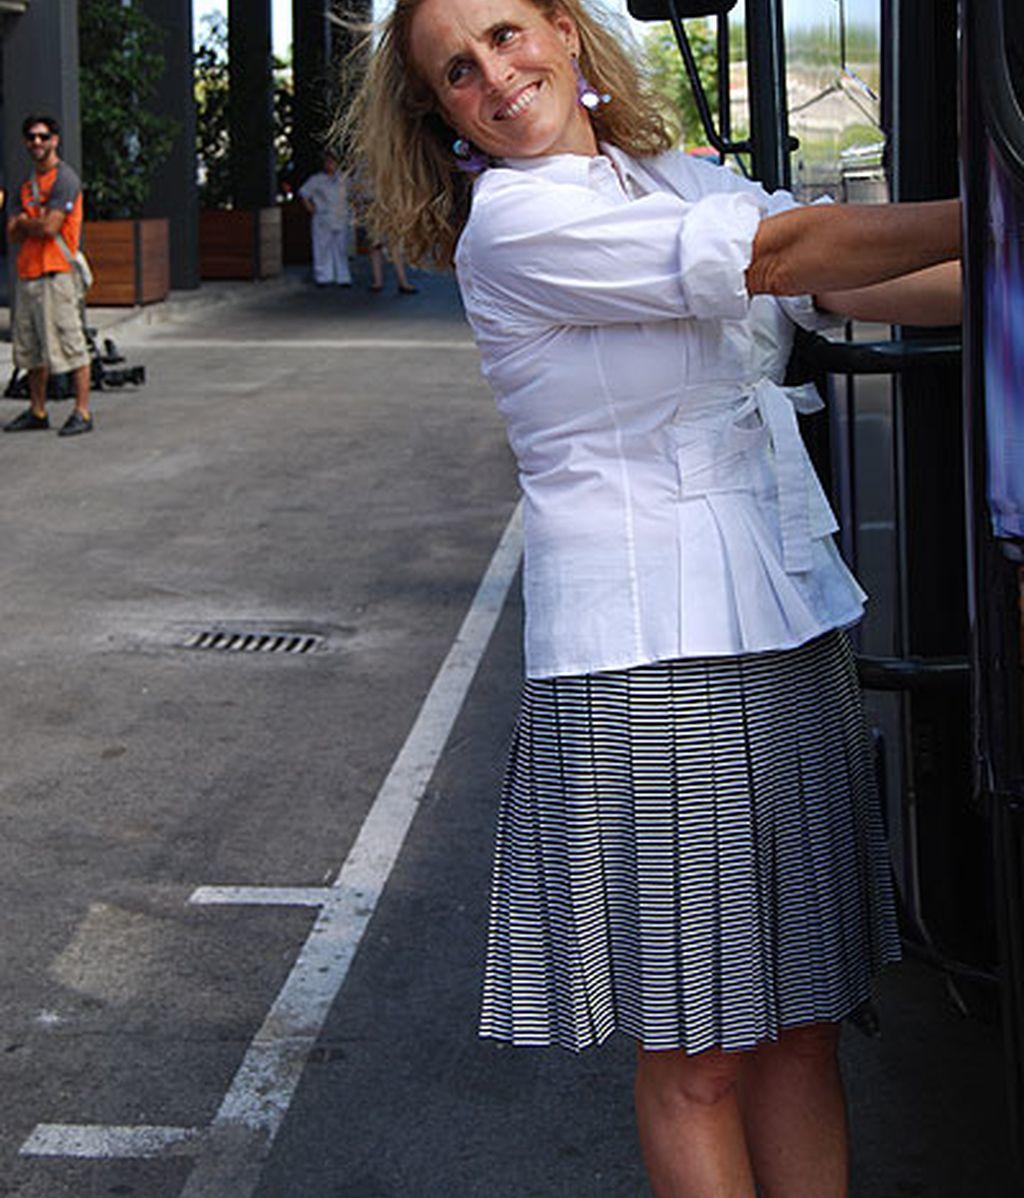 Mercedes Monroe